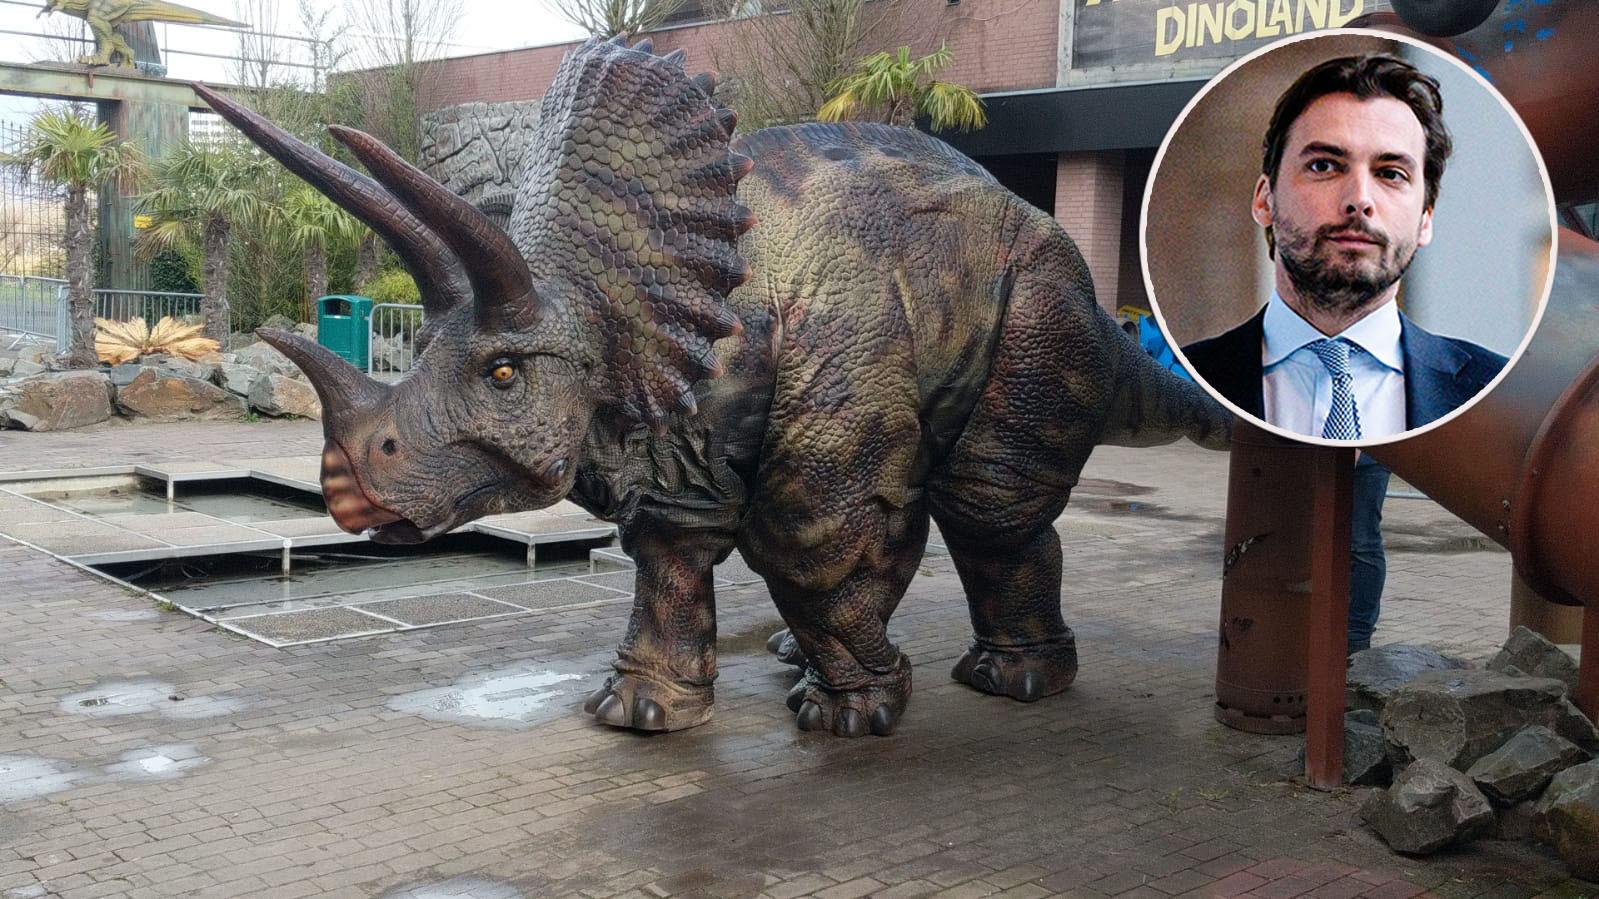 De Triceratops in Dinoland: inzet: Thierry Baudet.